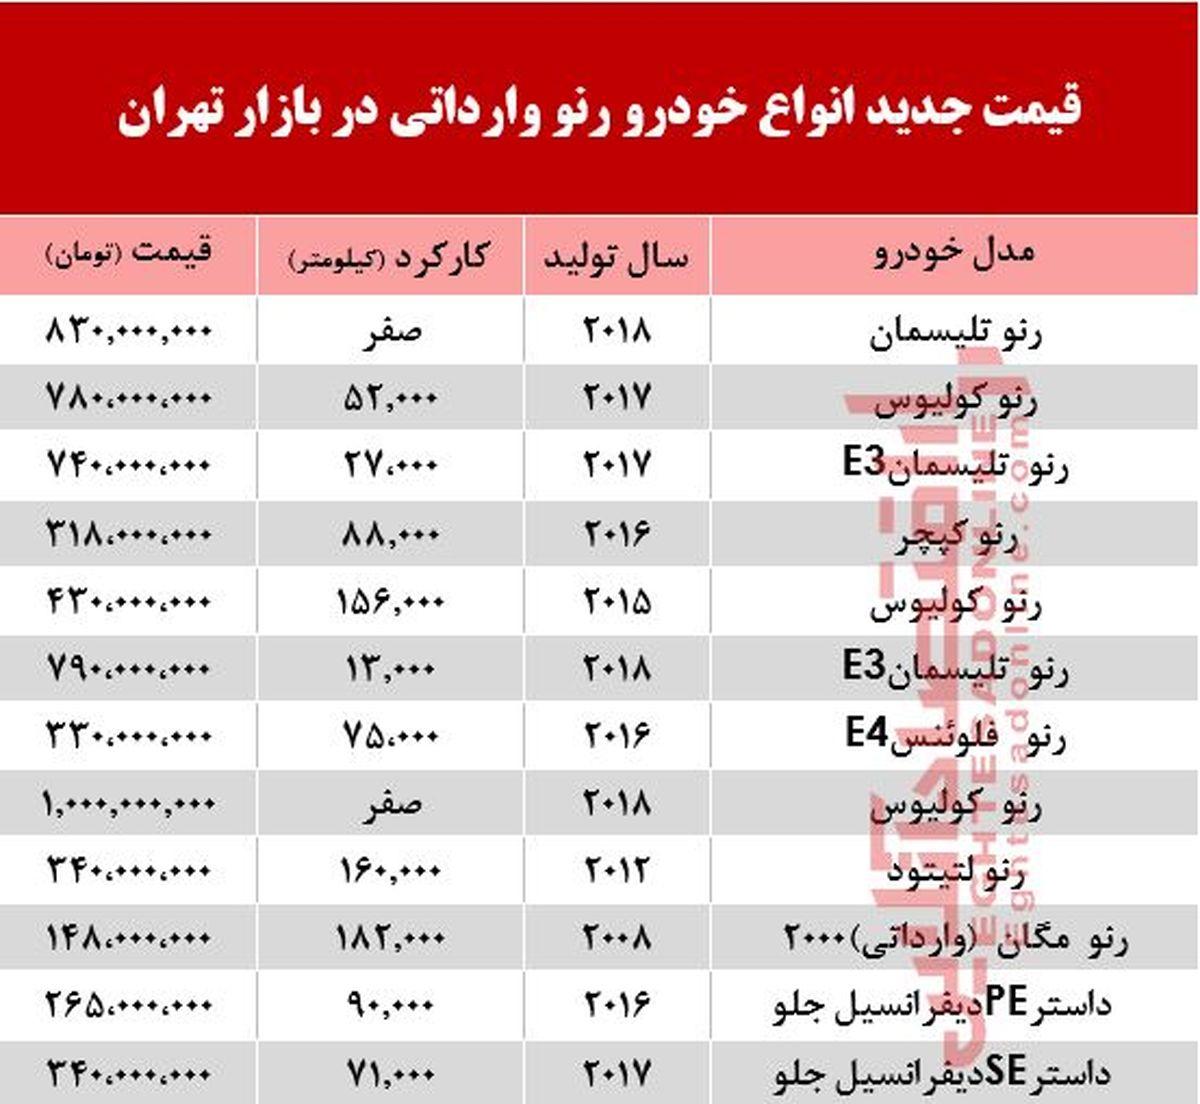 قیمت خودرو رنو وارداتی در بازار تهران +جدول